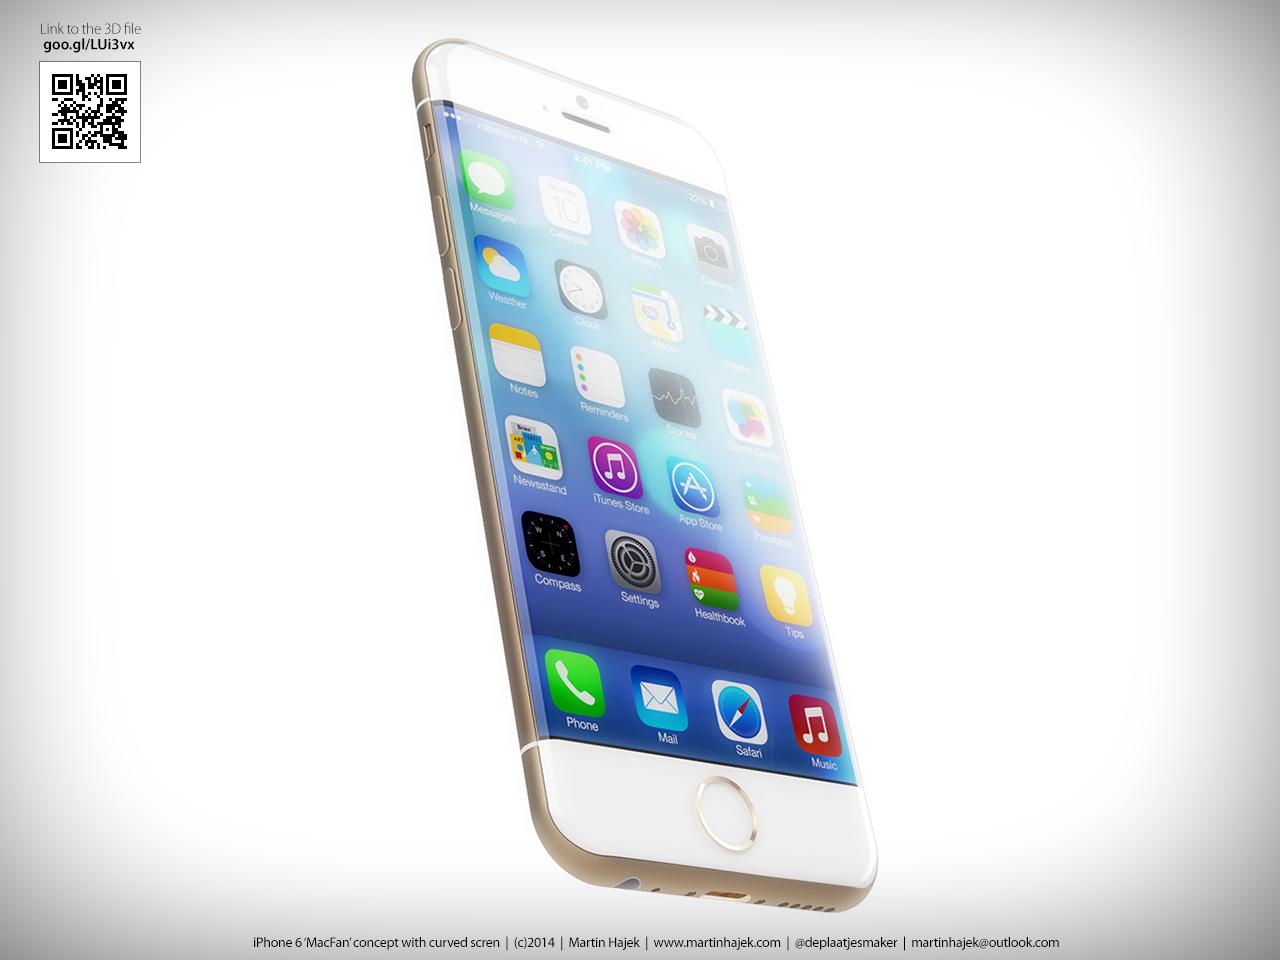 ผู้ให้บริการเครือข่ายในเยอรมันฟันธง iPhone 6 มาแน่ เจอกันวันศุกร์ที่ 19 กันยายน